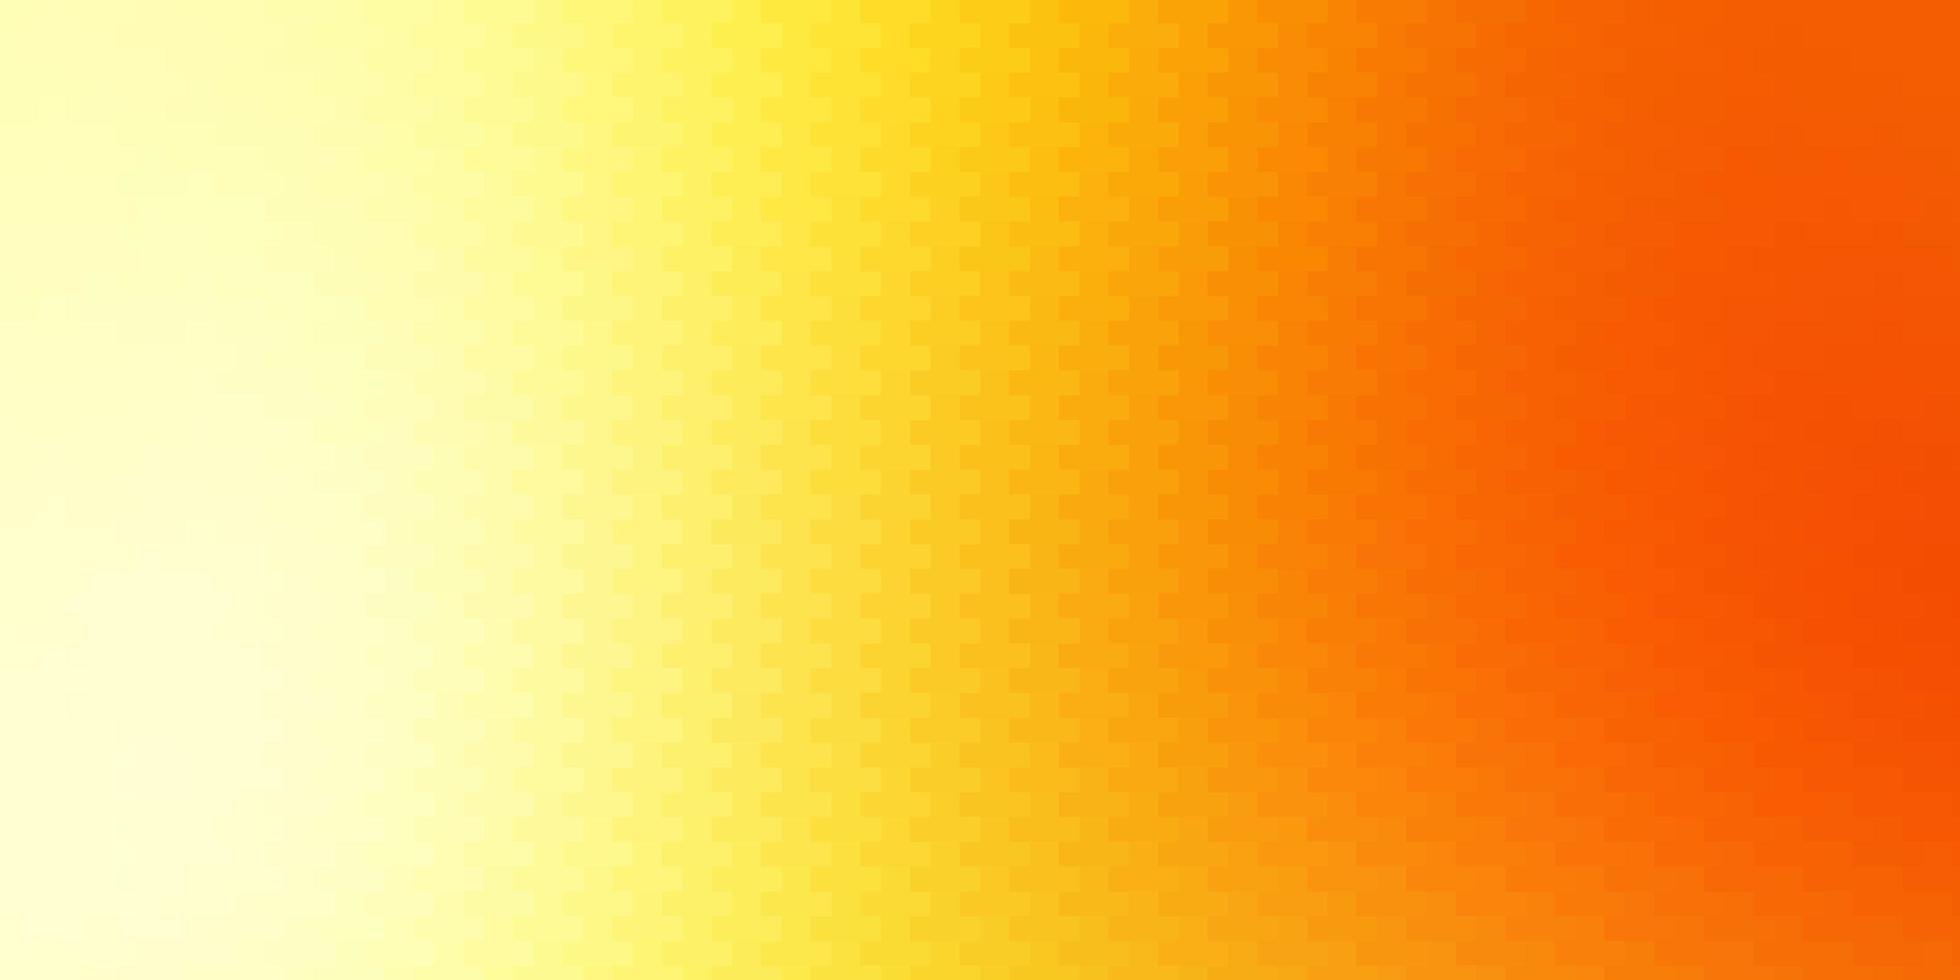 lichtrode, gele vectorachtergrond met rechthoeken. vector